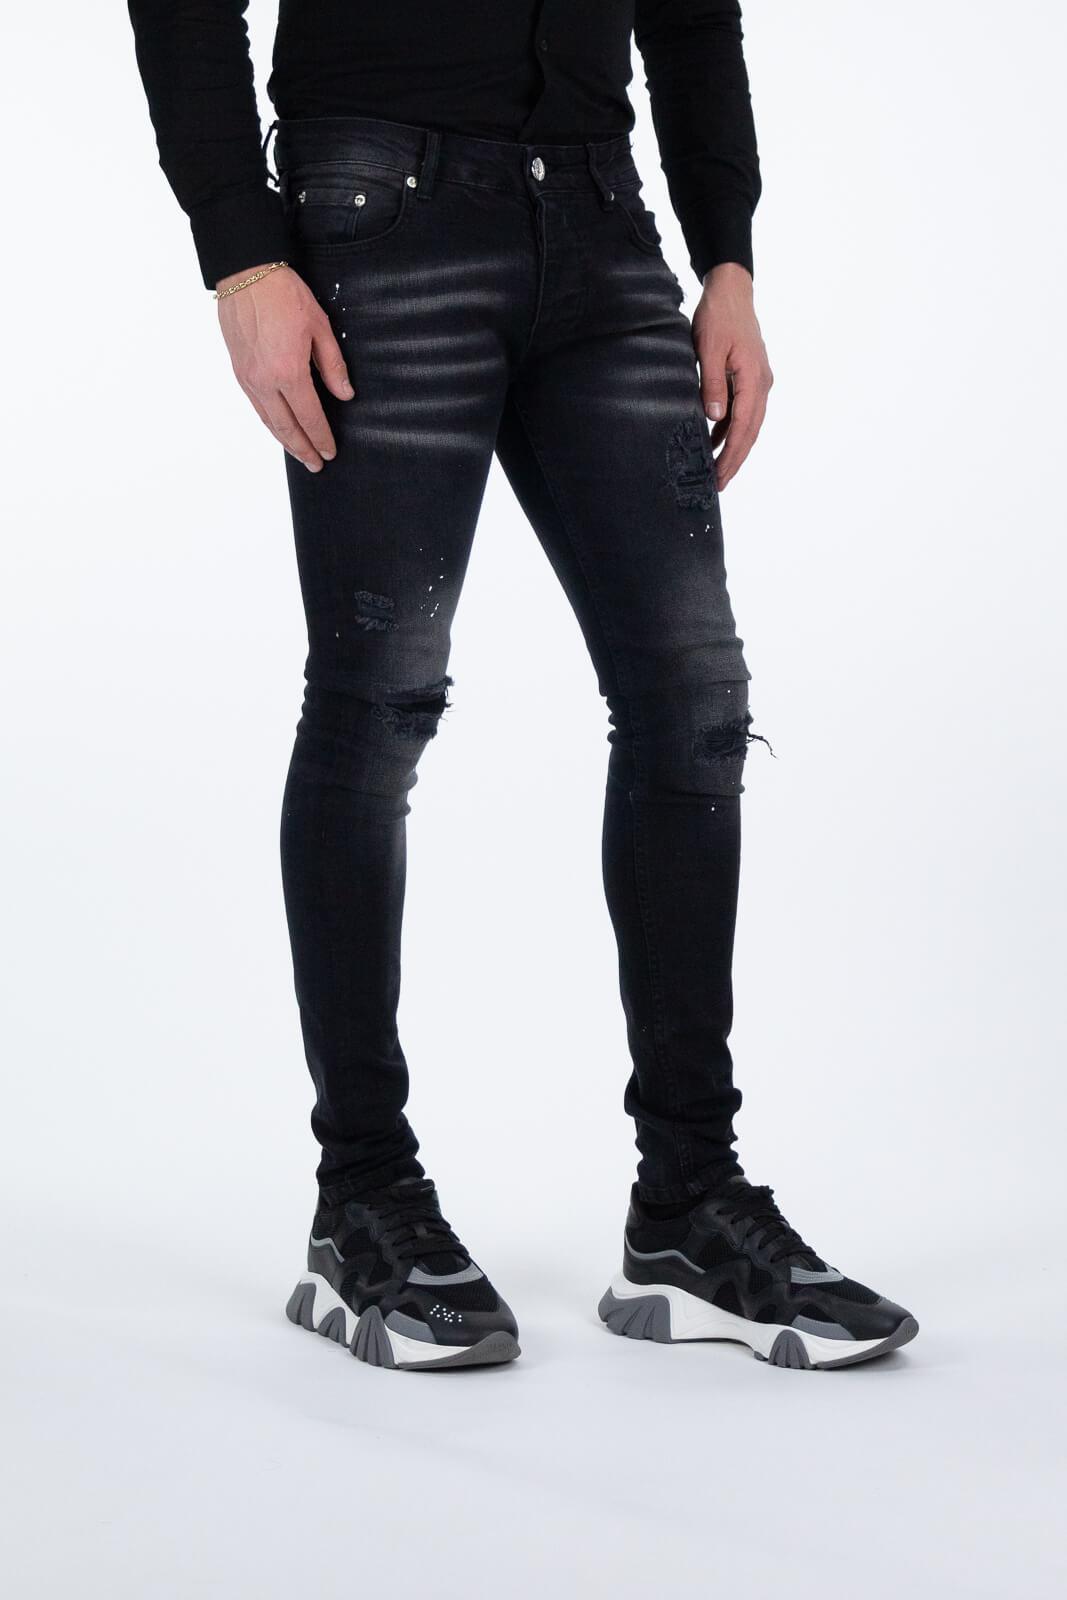 Lima-Noir-Jeans-2